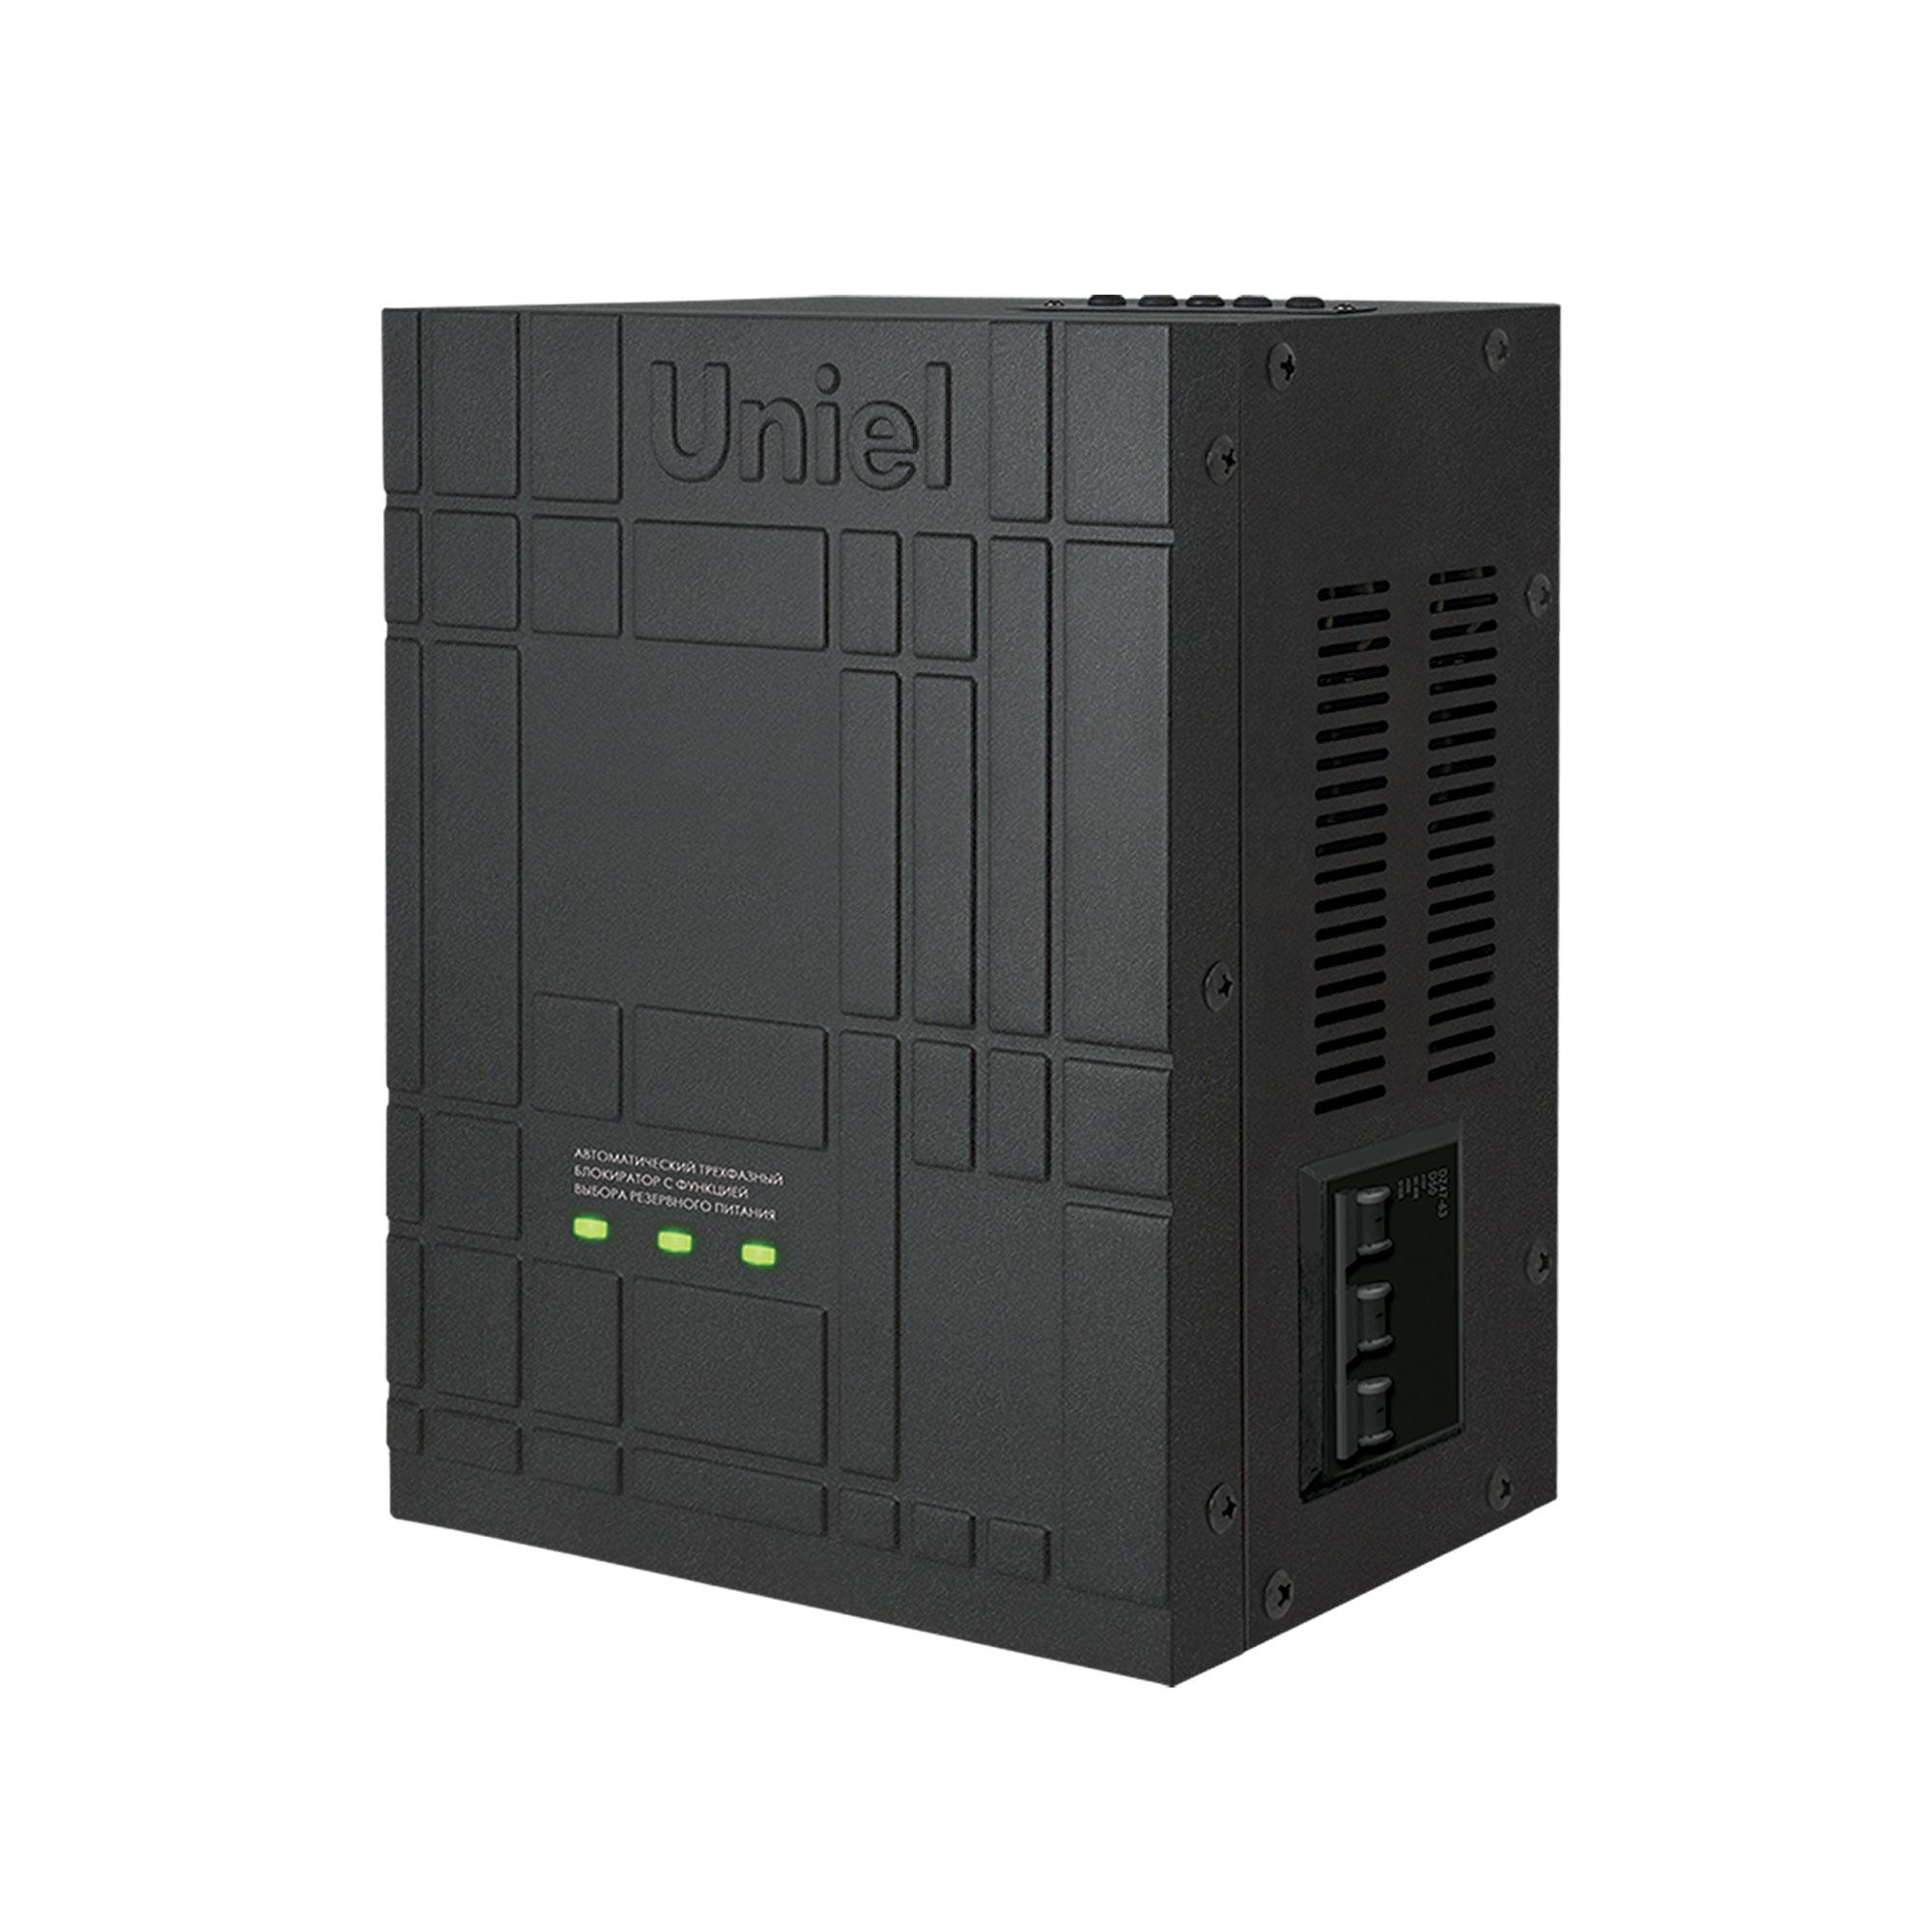 Фото. Автоматический трехфазный блокиратор Uniel Ubr-55ba-3g36/sls